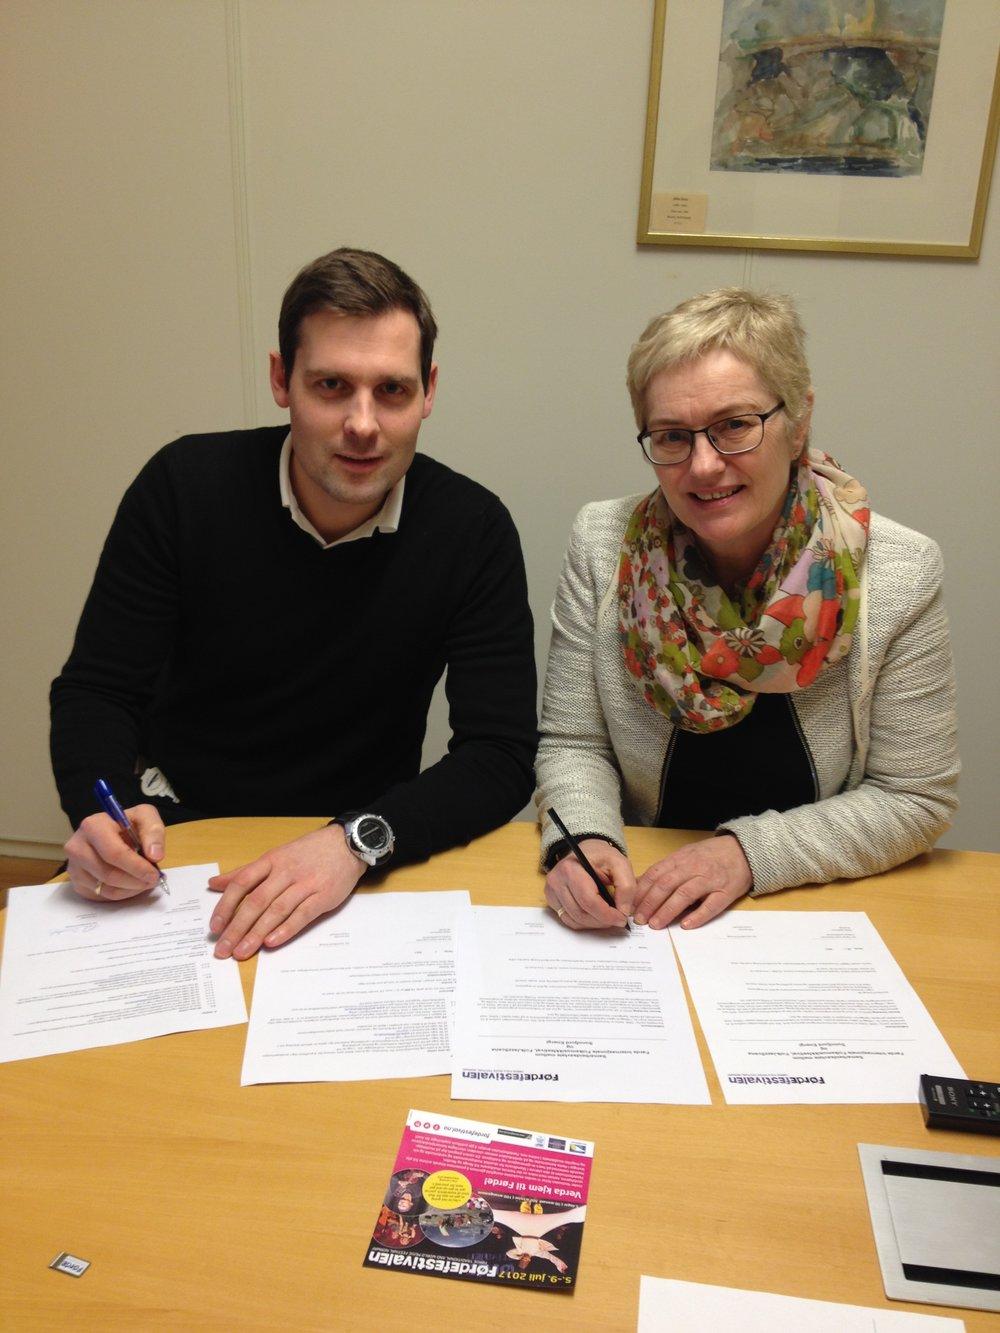 Konstituert marknadssjef i Sunnfjord Energi, Pål Sandal og direktør HIlde Bjørkum i Førdefestivalen signerer hovudsponsoravtale for tre nye år.